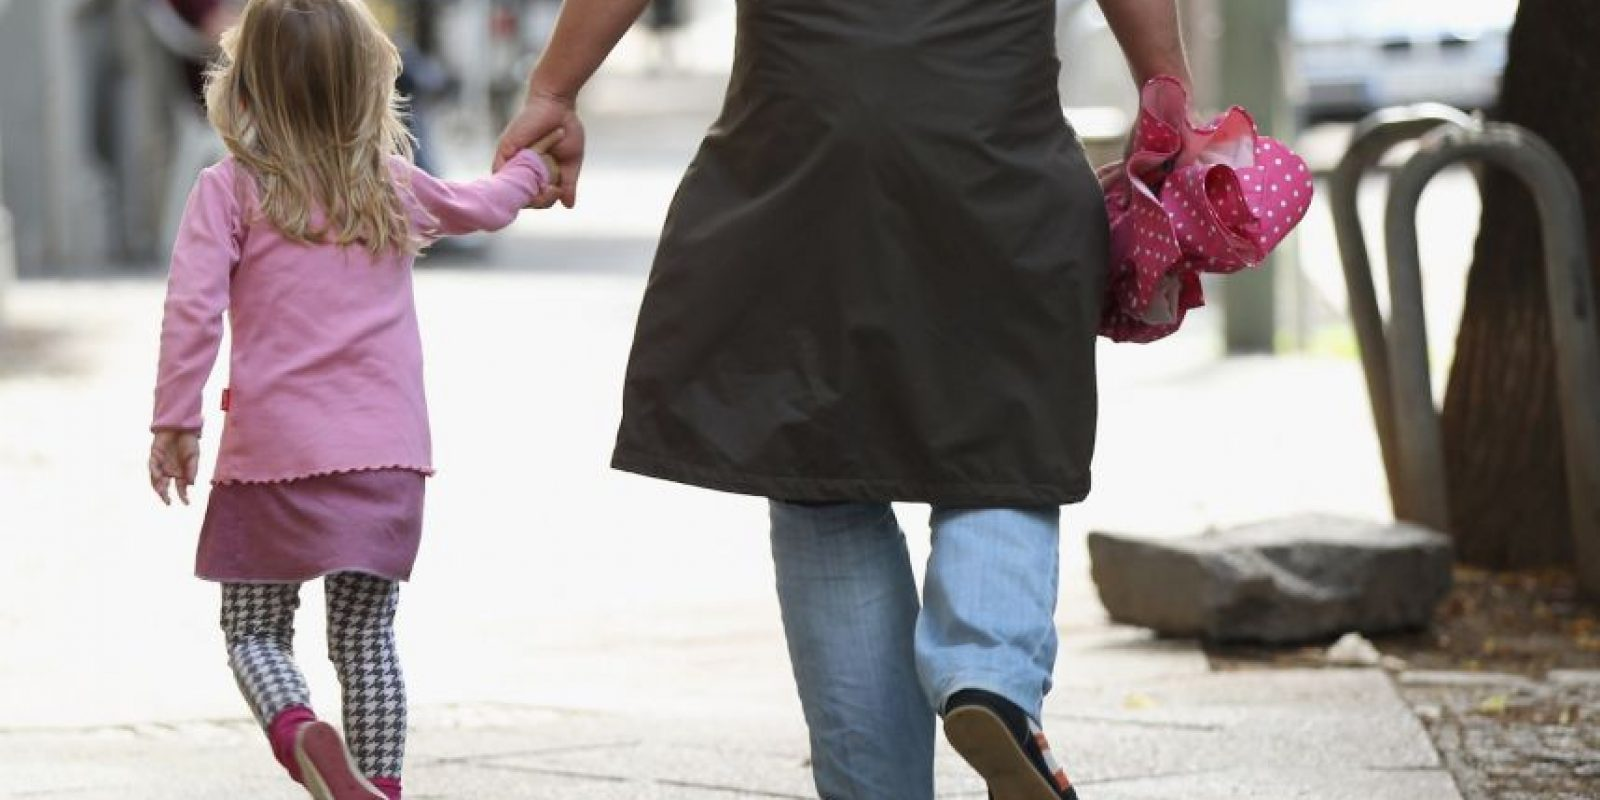 Una característica que puede aumentar el riesgo de maltrato infantil, son las dificultades económicas Foto:Getty Images